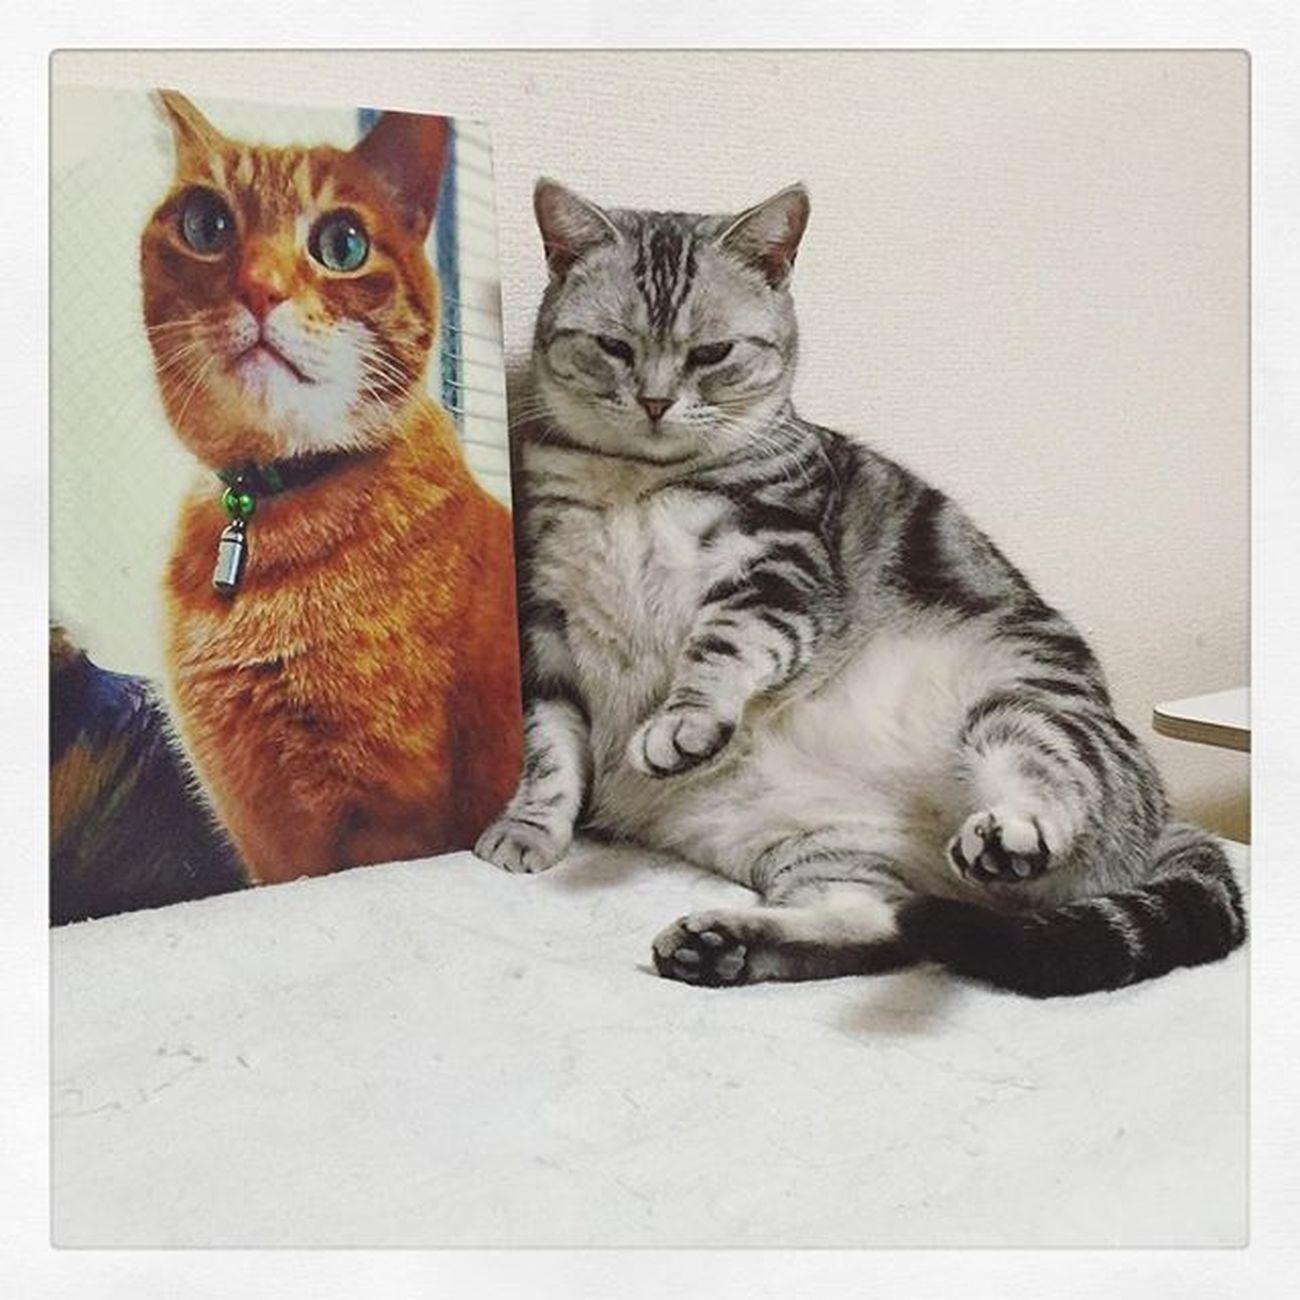 Cat Neko ねこ 猫 ねこ Cats アメリカンショートヘアー アメショ Americanshorthair ズズ ズズ子 Zuzu ズズっぺ シルバータビー 先代ニケスケとツーショットな感じのズっぺでおやすみなさい😚😽💕